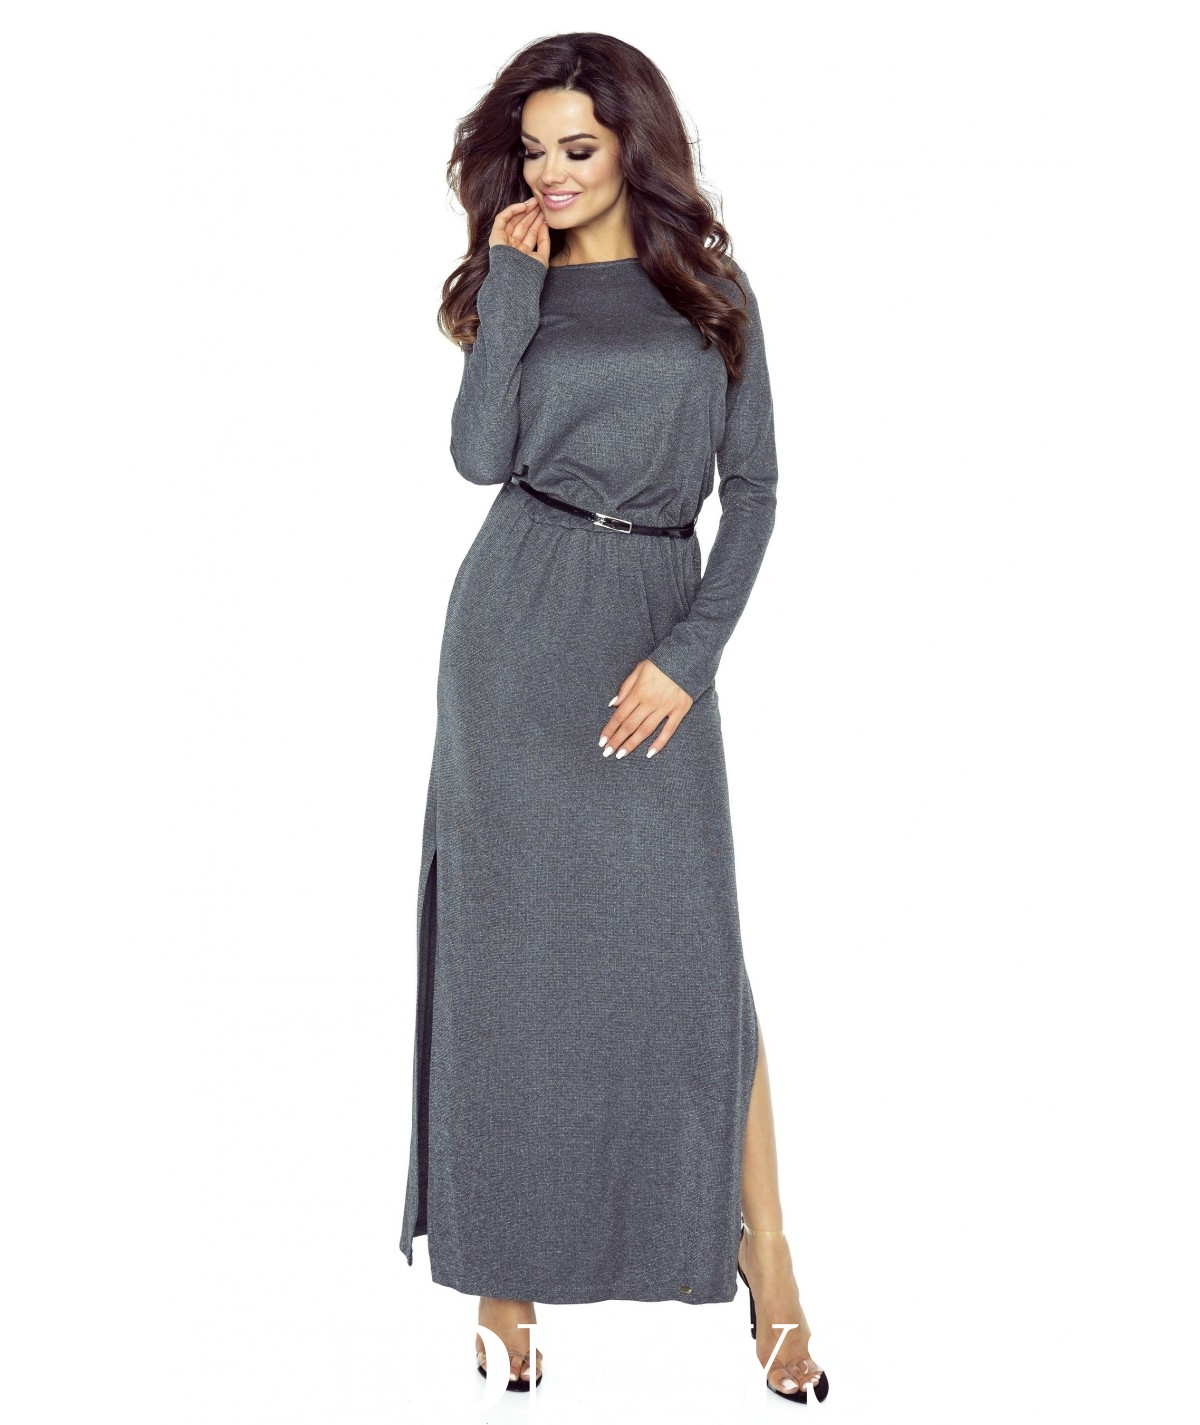 Sukienka maxi z koronkowym tyłem sukienki bergamo